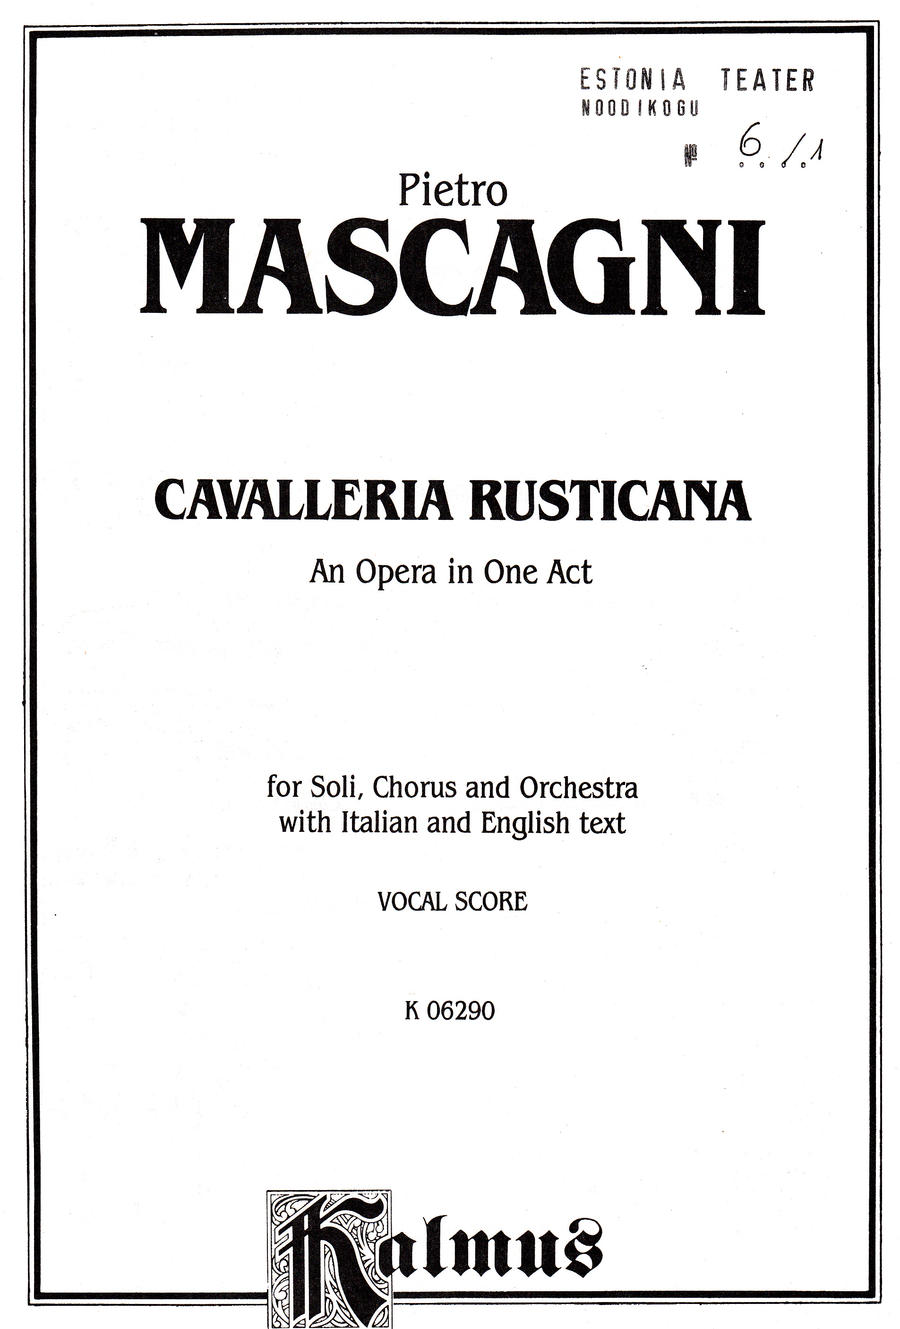 Mascagni Cavalleria rusticana 3